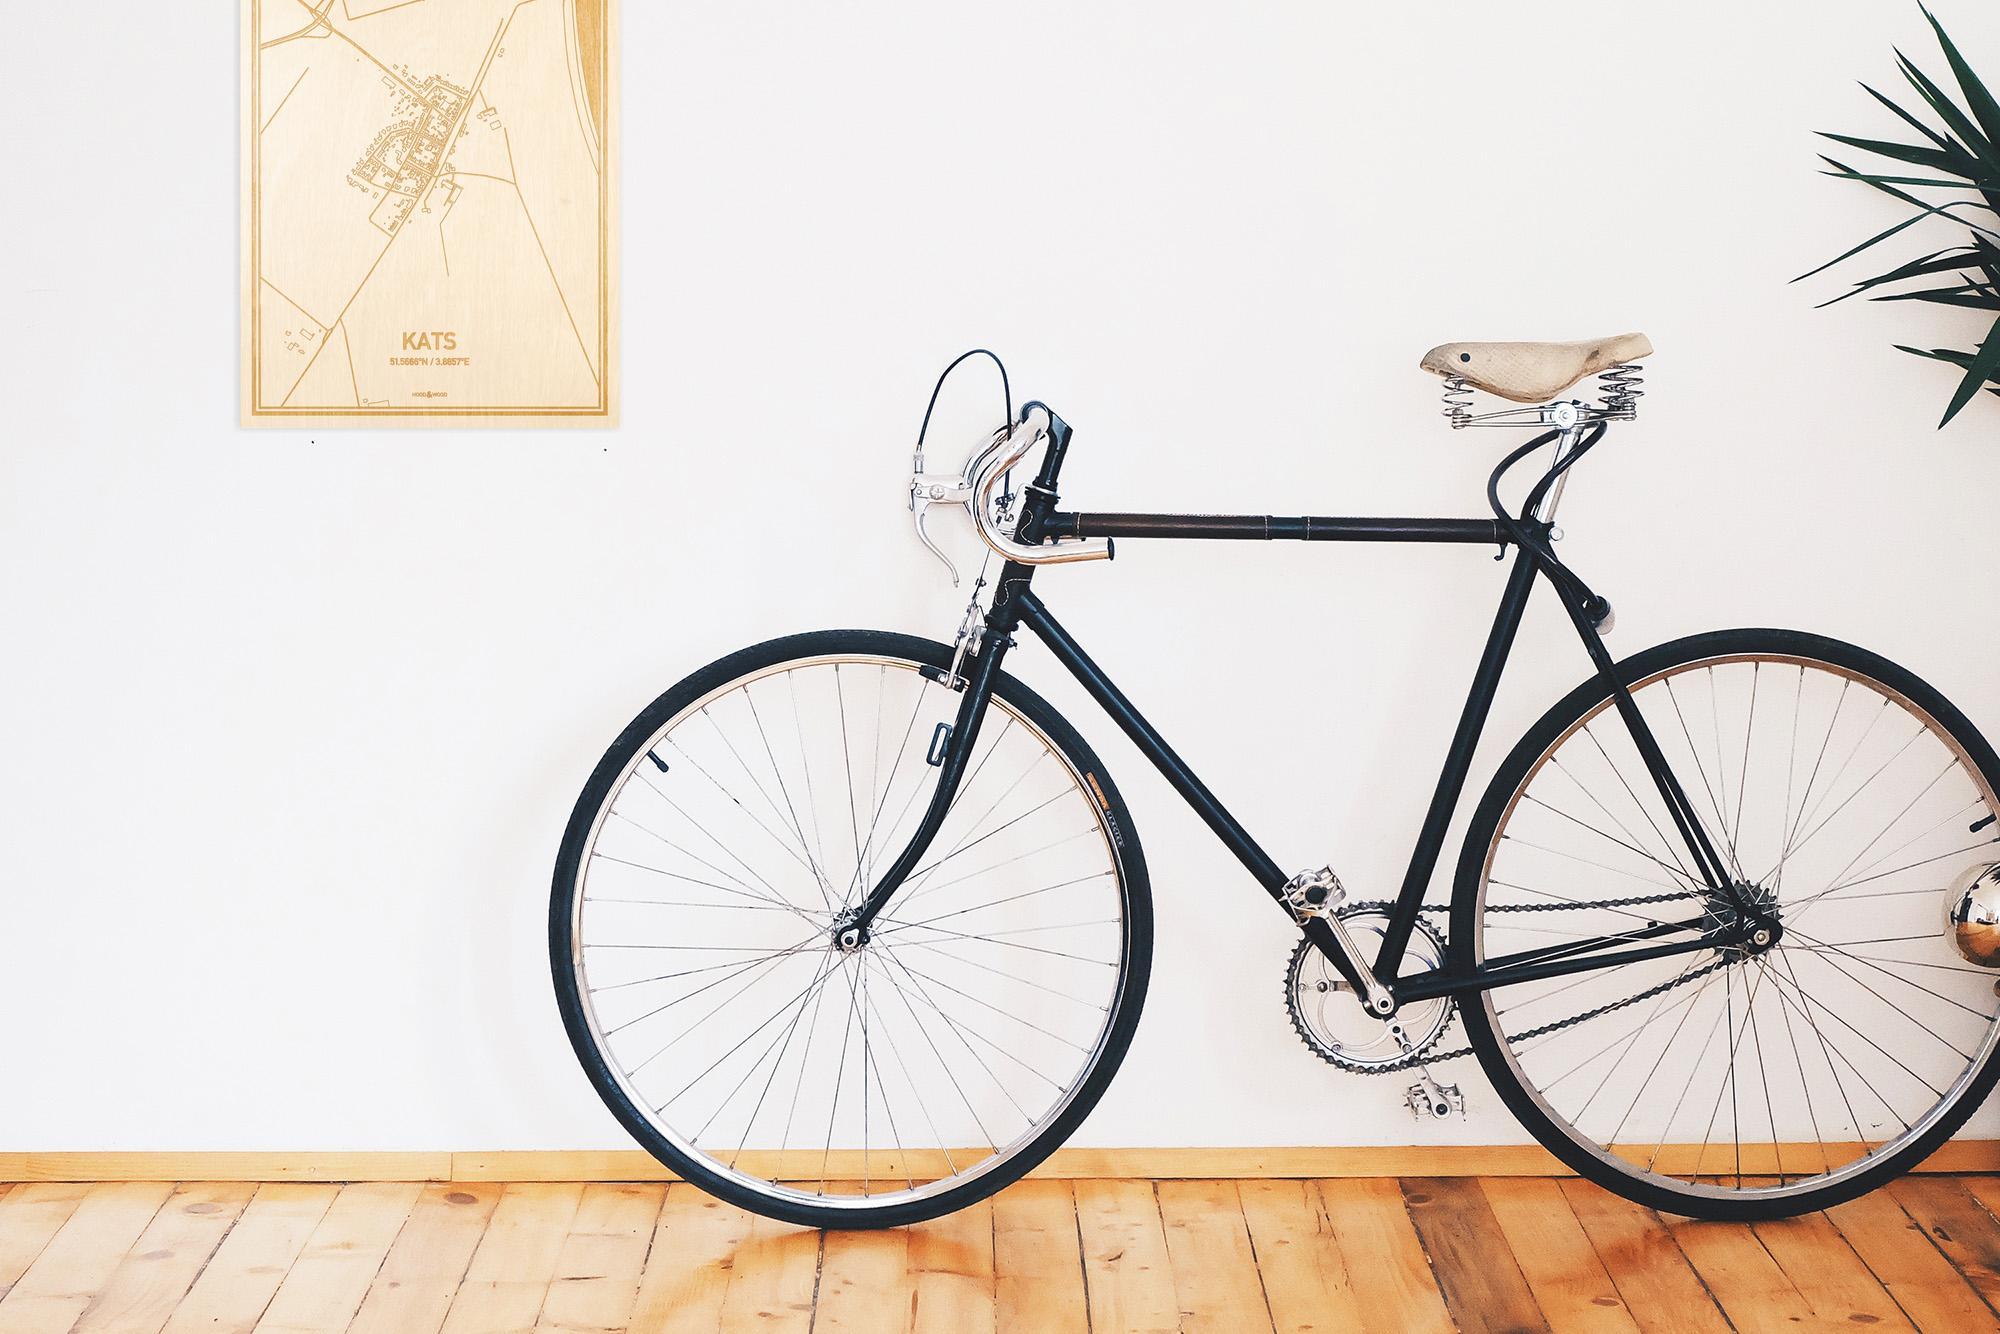 Een snelle fiets in een uniek interieur in Zeeland met mooie decoratie zoals de plattegrond Kats.